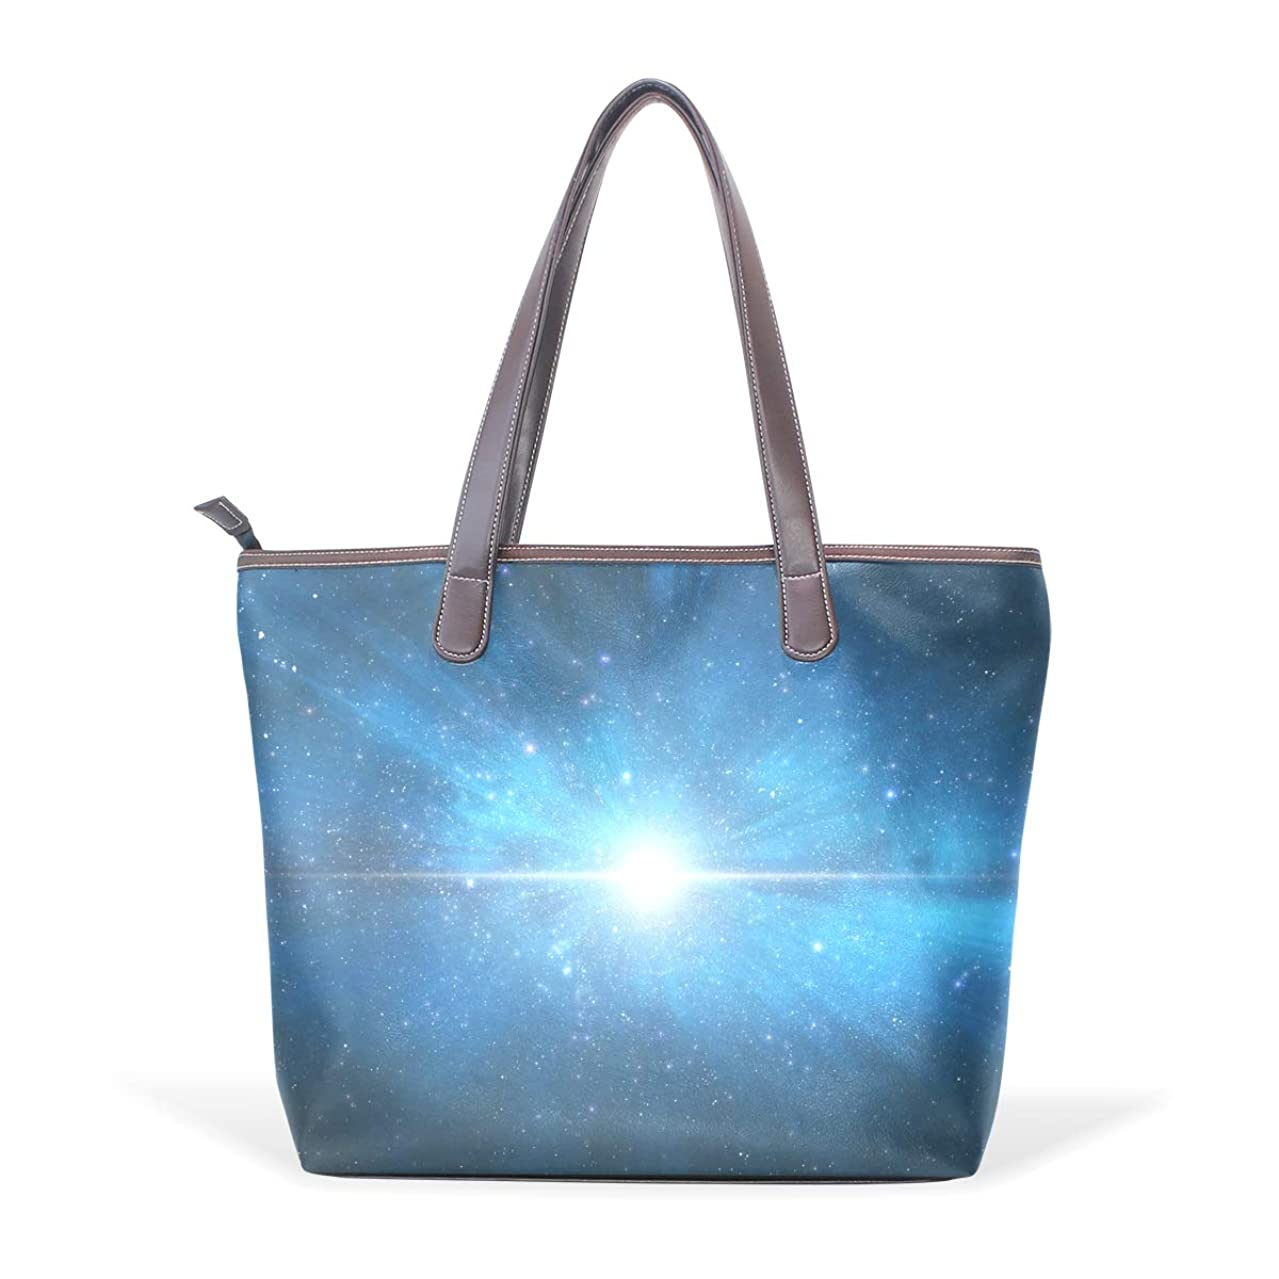 ミニチュアエーカー火山のバララ (La Rose) トートバッグ レディース ブランド a4 収納 大容量 通学 かわいい ブルー 青い 星空 宇宙柄 おしゃれ ハンドバッグ PU 革 通勤 丈夫 ファスナー付き ママかばん 手提げバッグ ビジネスバッグ